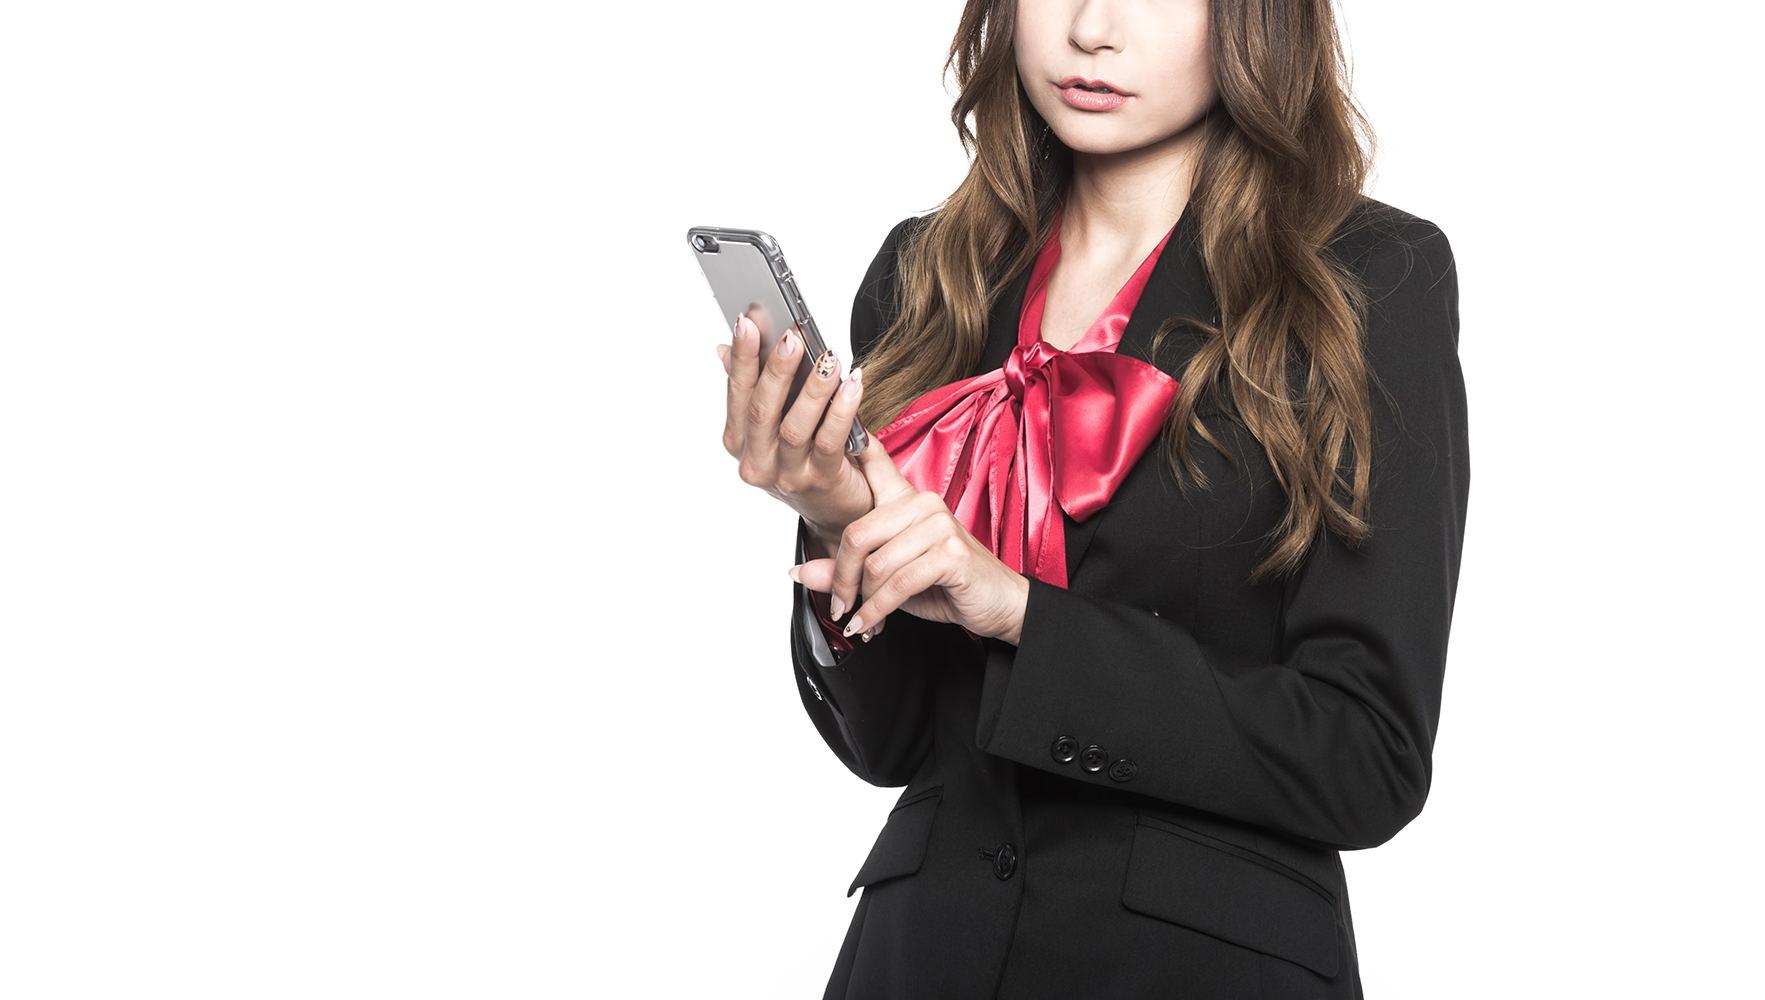 おすすめお小遣いアプリで稼ぐiPhone/android